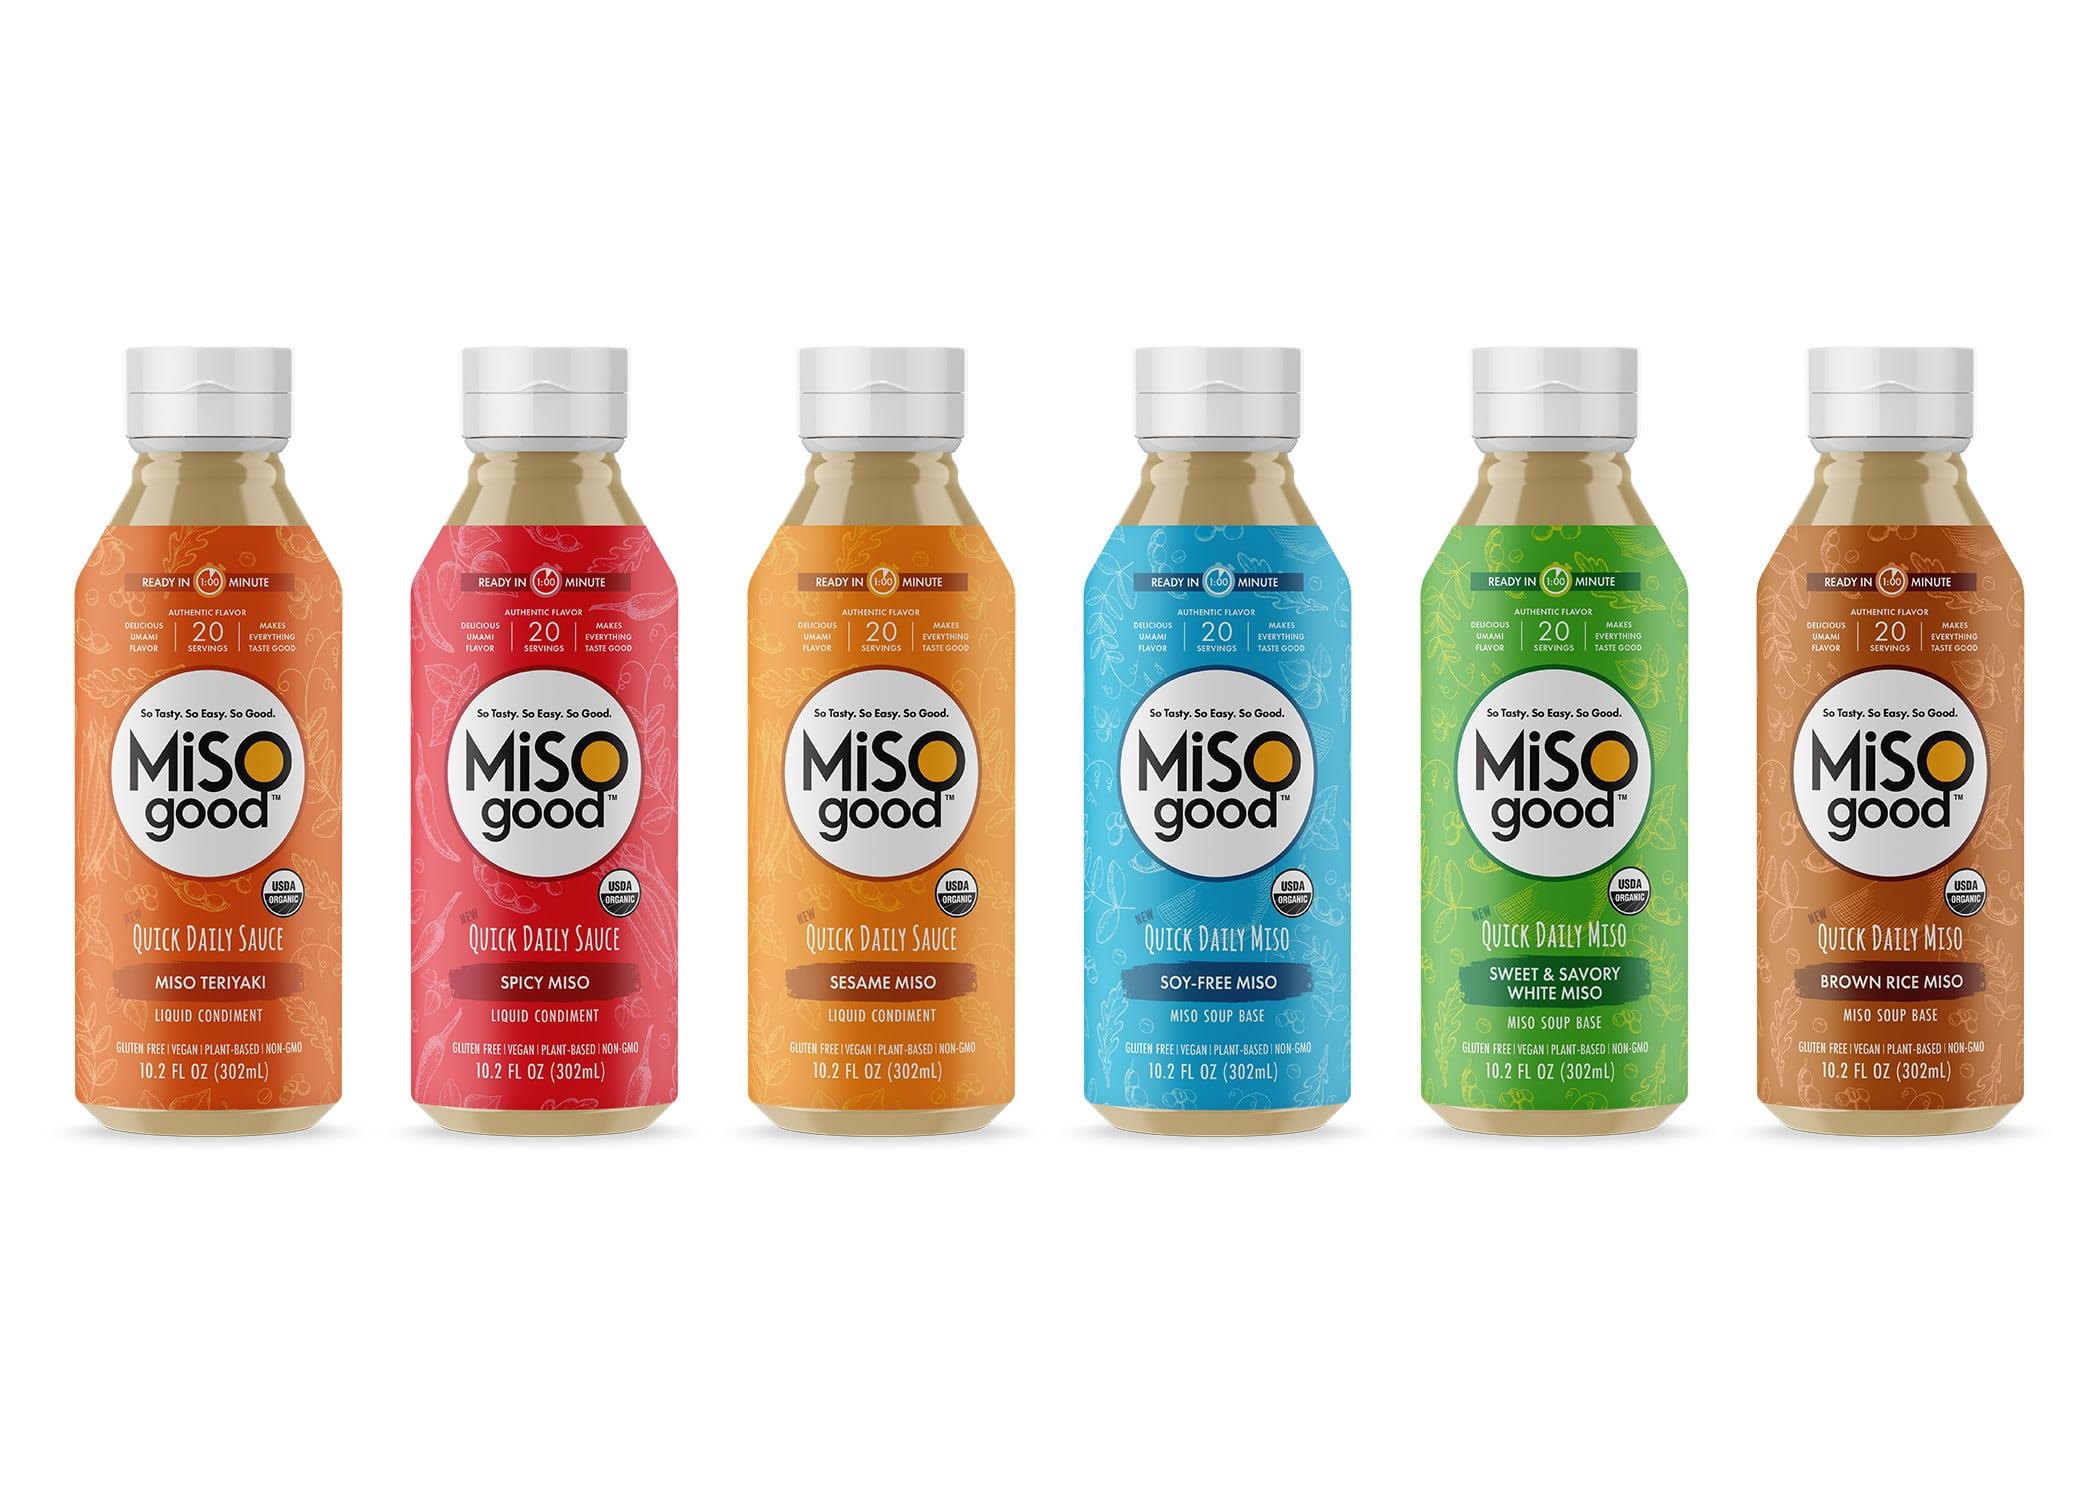 MISOgood_package_label_design